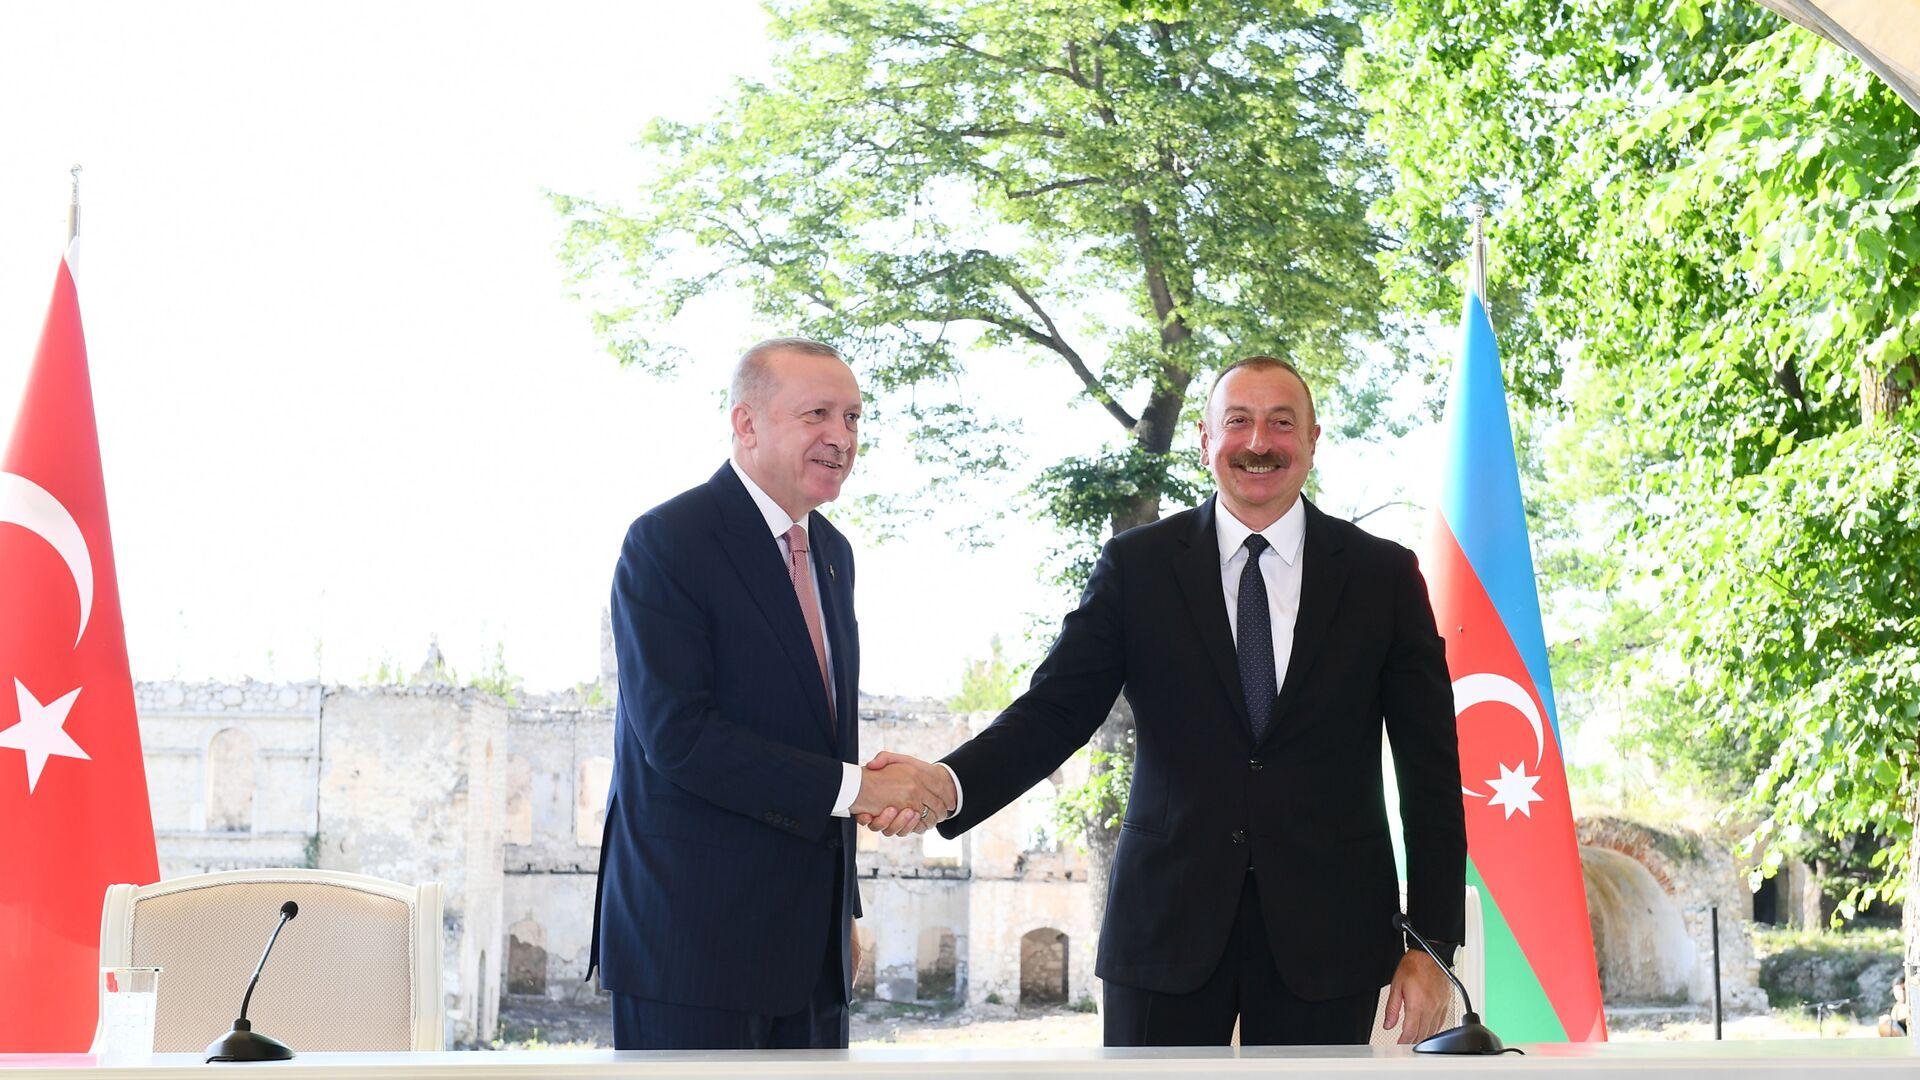 Ильхам Алиев и Реджеп Эрдоган подписали Шушинскую декларацию о союзнических отношениях Азербайджана и Турции - Sputnik Азербайджан, 1920, 27.09.2021